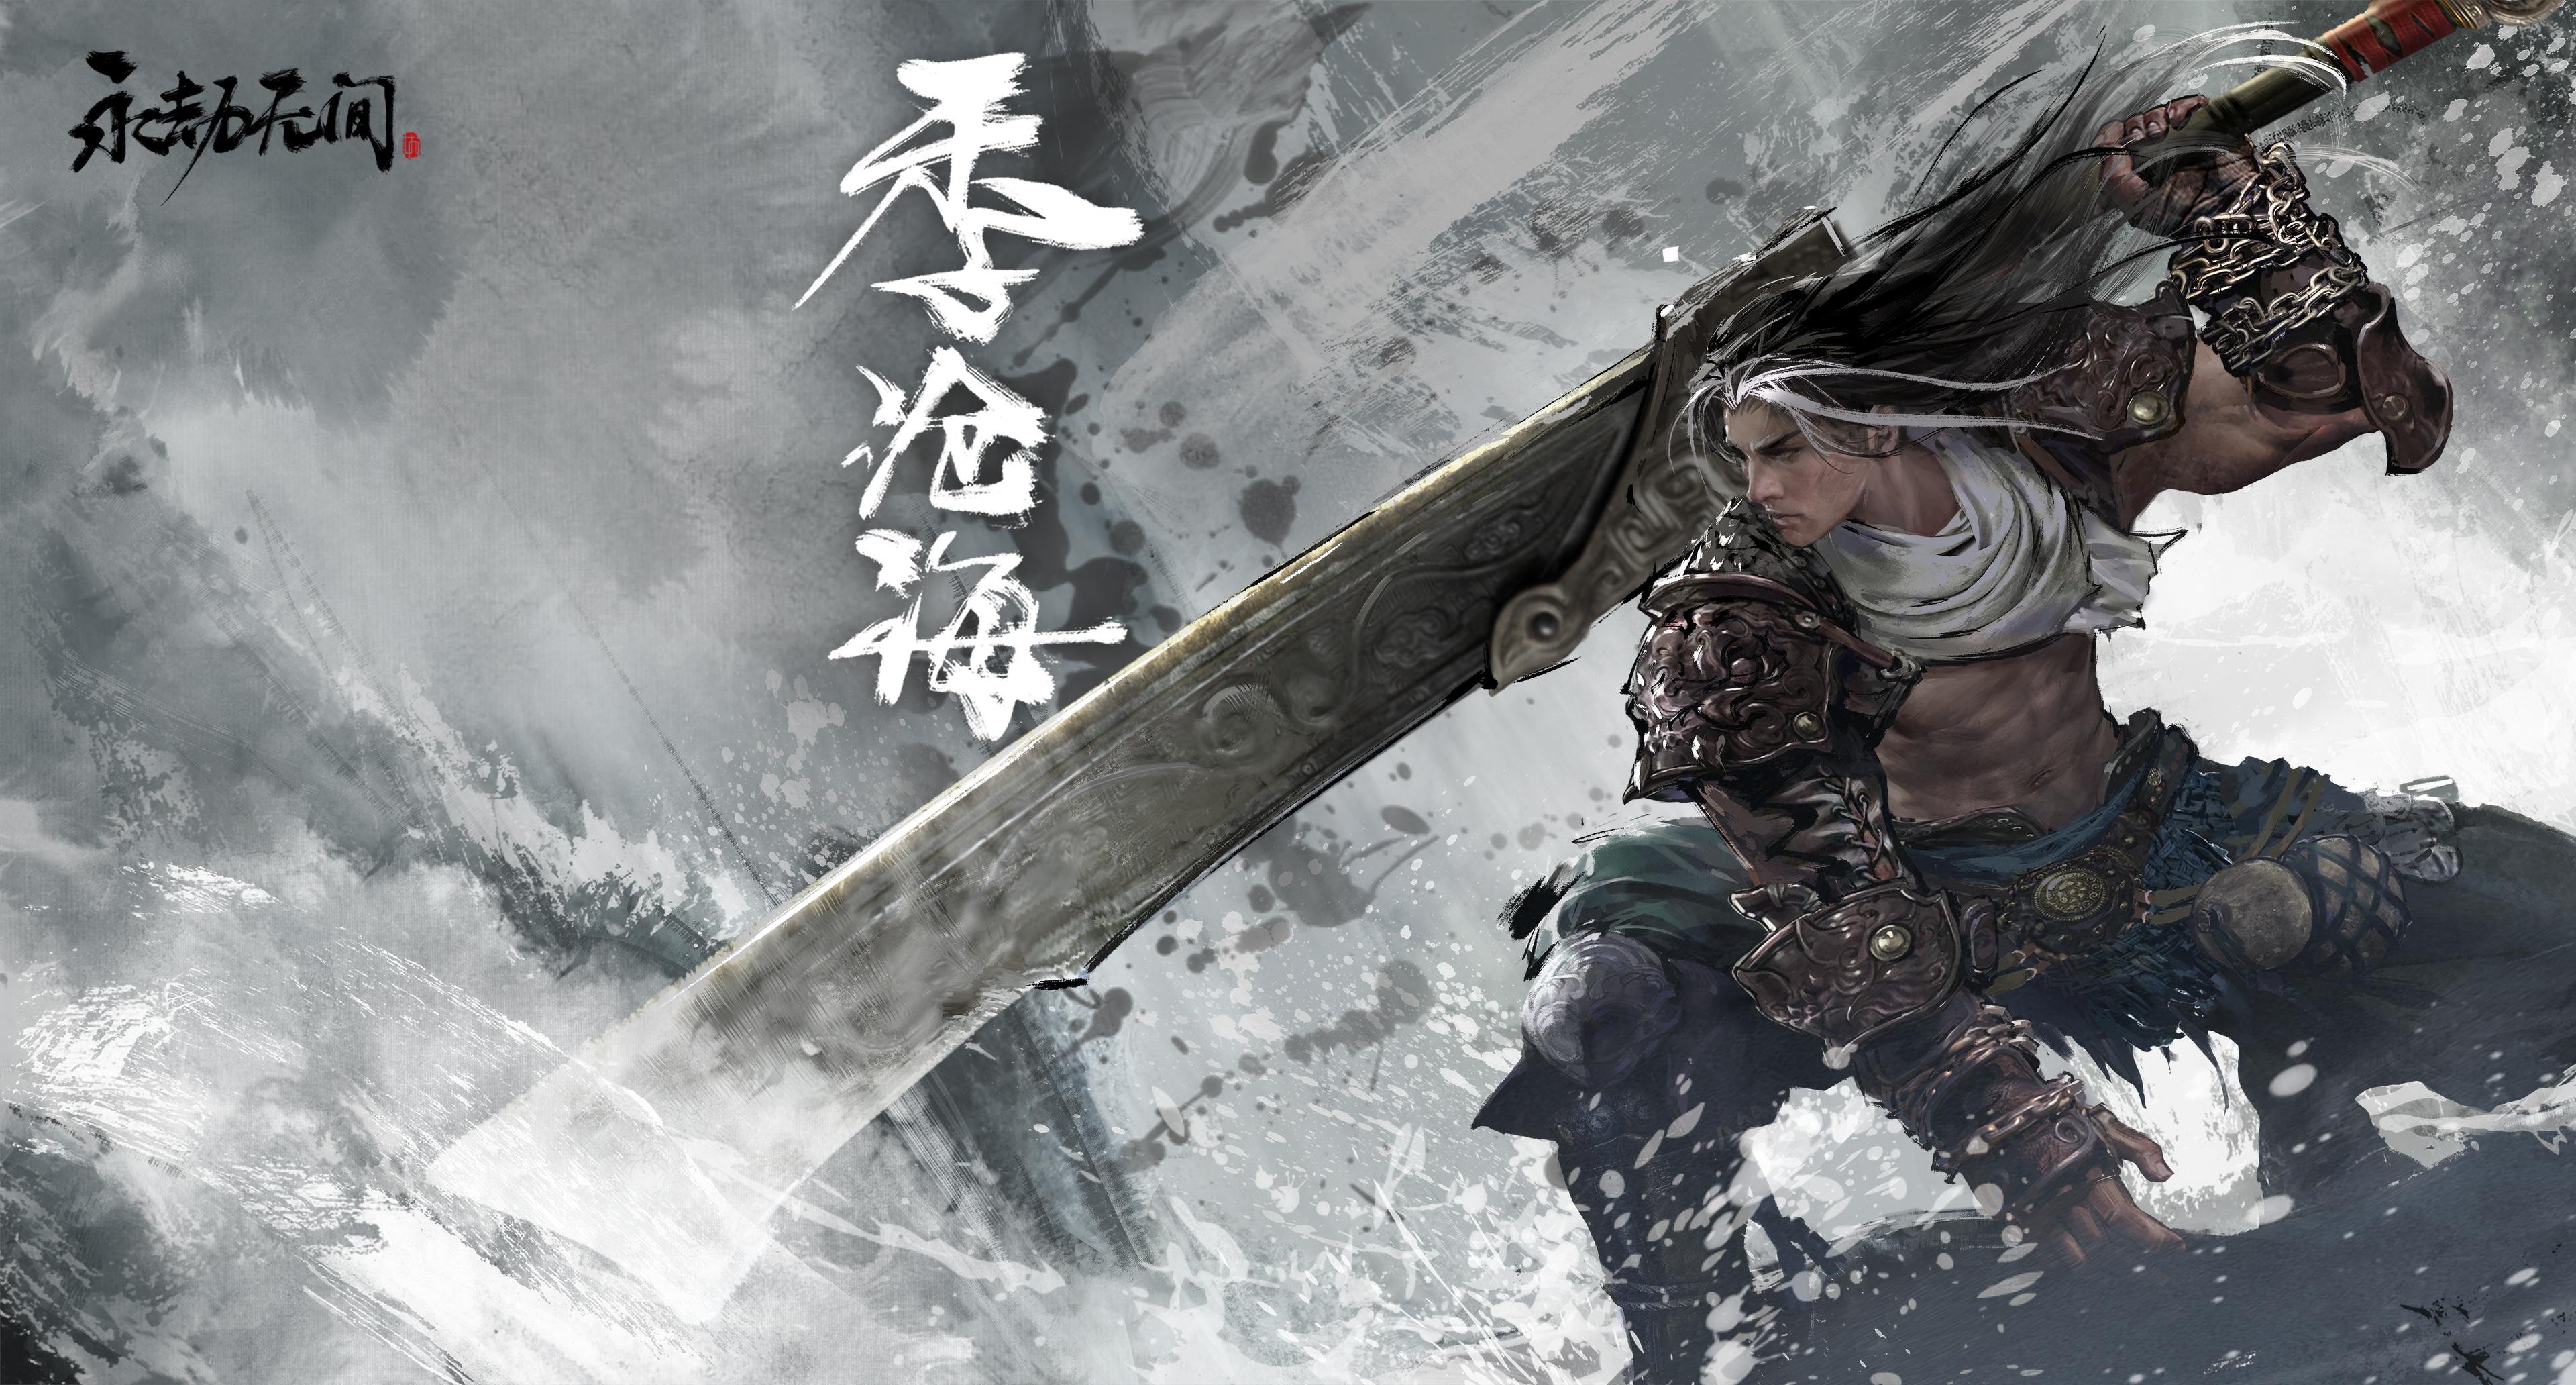 《永劫无间》图文攻略:全角色介绍